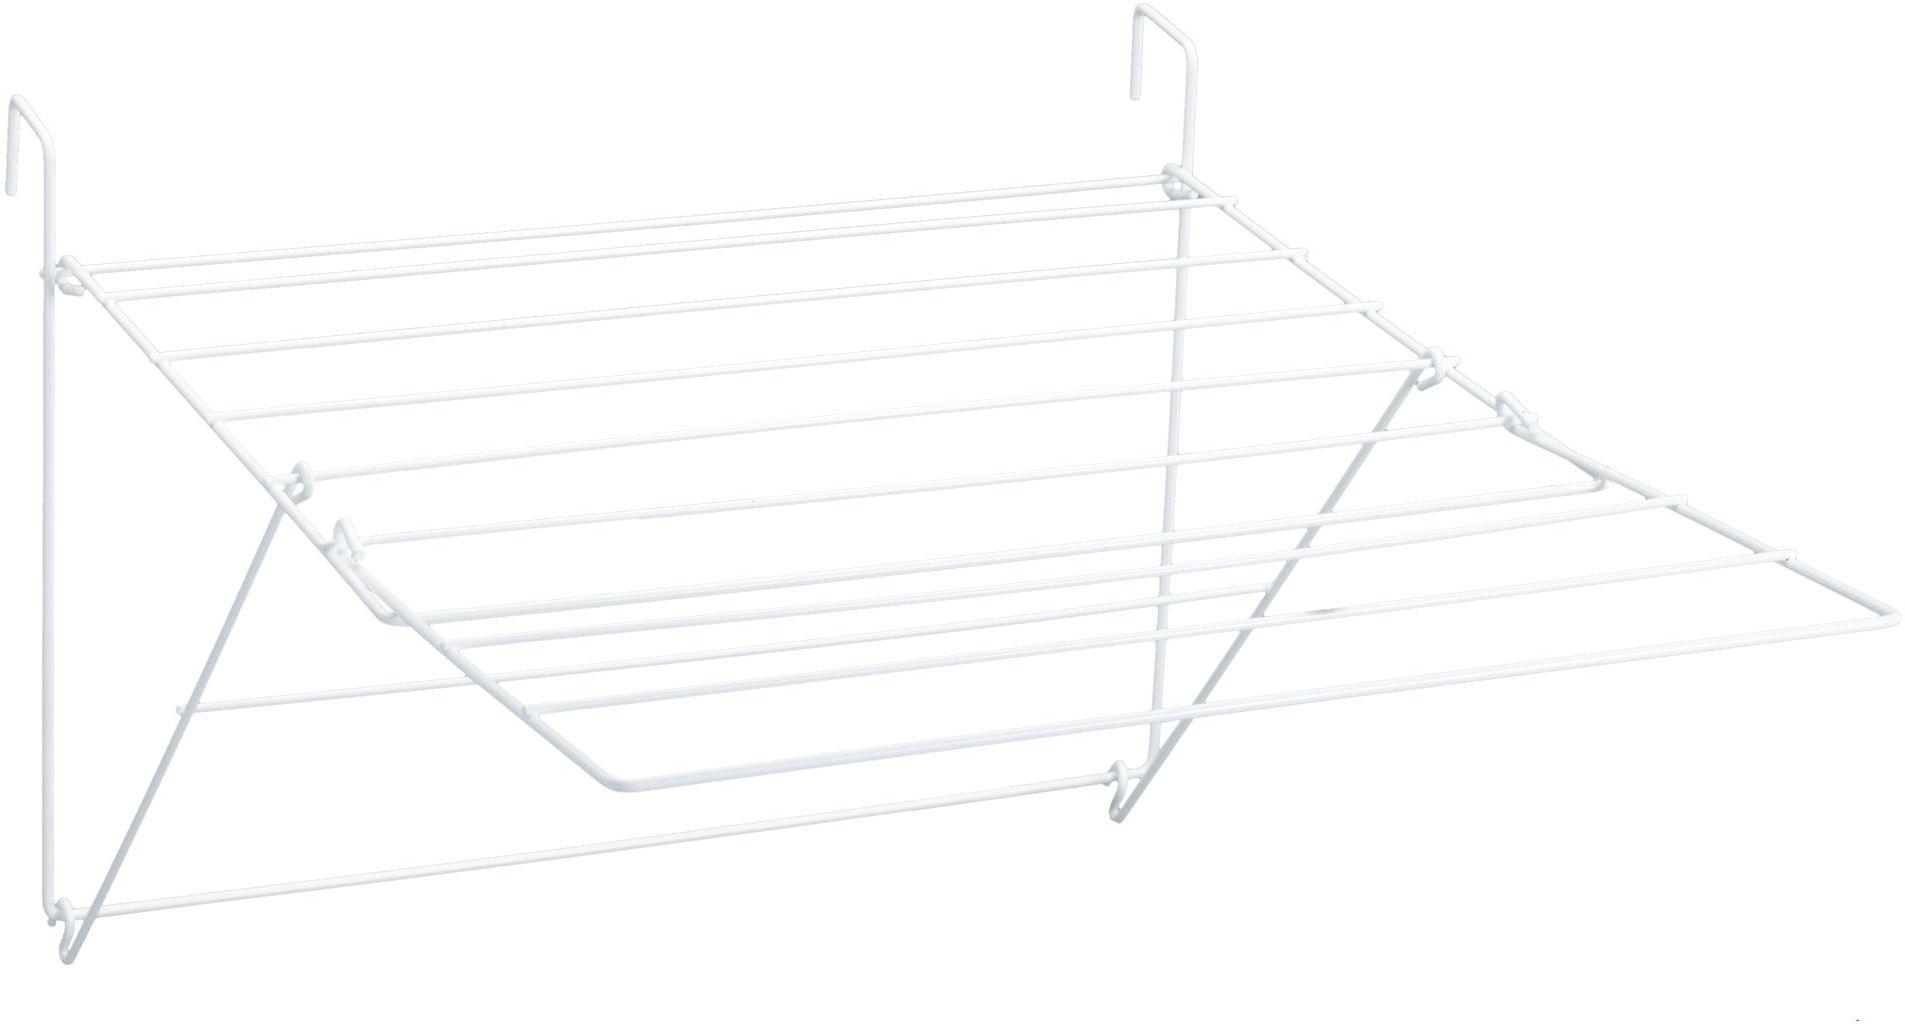 Sauvic biała plastikowa powłoka balkonowa rozkładana sofa do ubrań, stal 61 x 87 x 32 cm